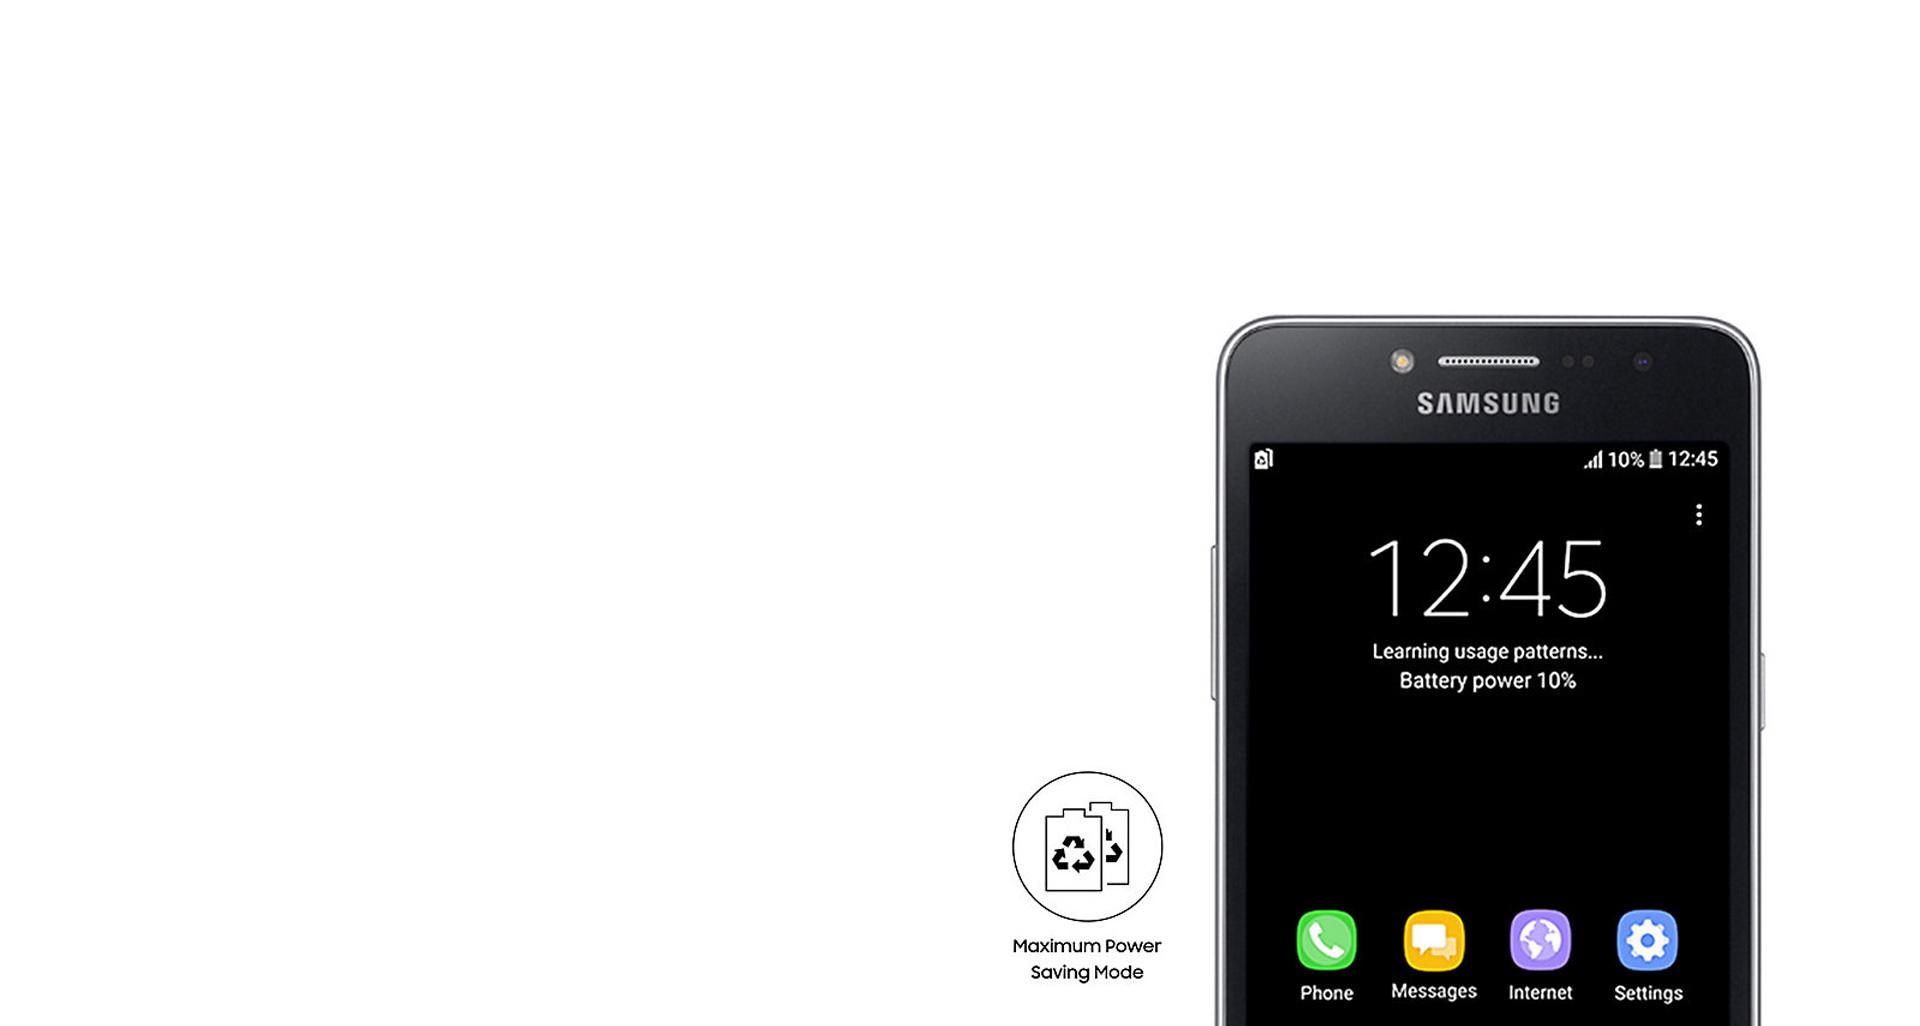 قدرت بهبود یافته باتری گوشی Galaxy Grand Prime Plus